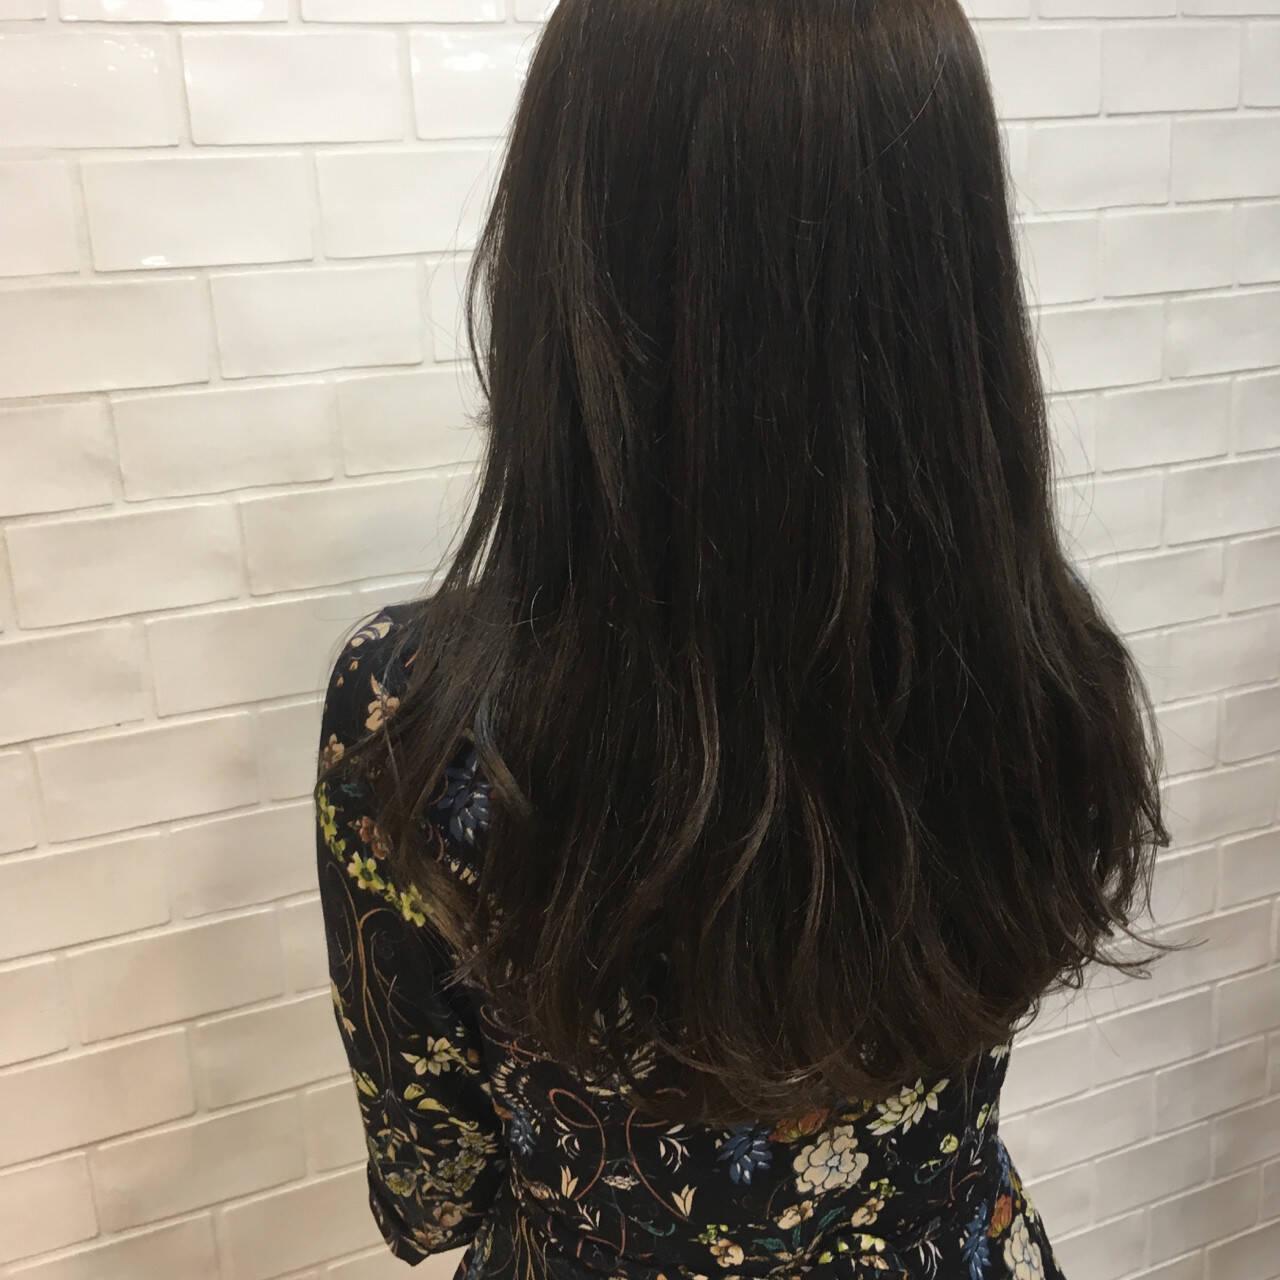 ガーリー マット ワンカール ロングヘアスタイルや髪型の写真・画像